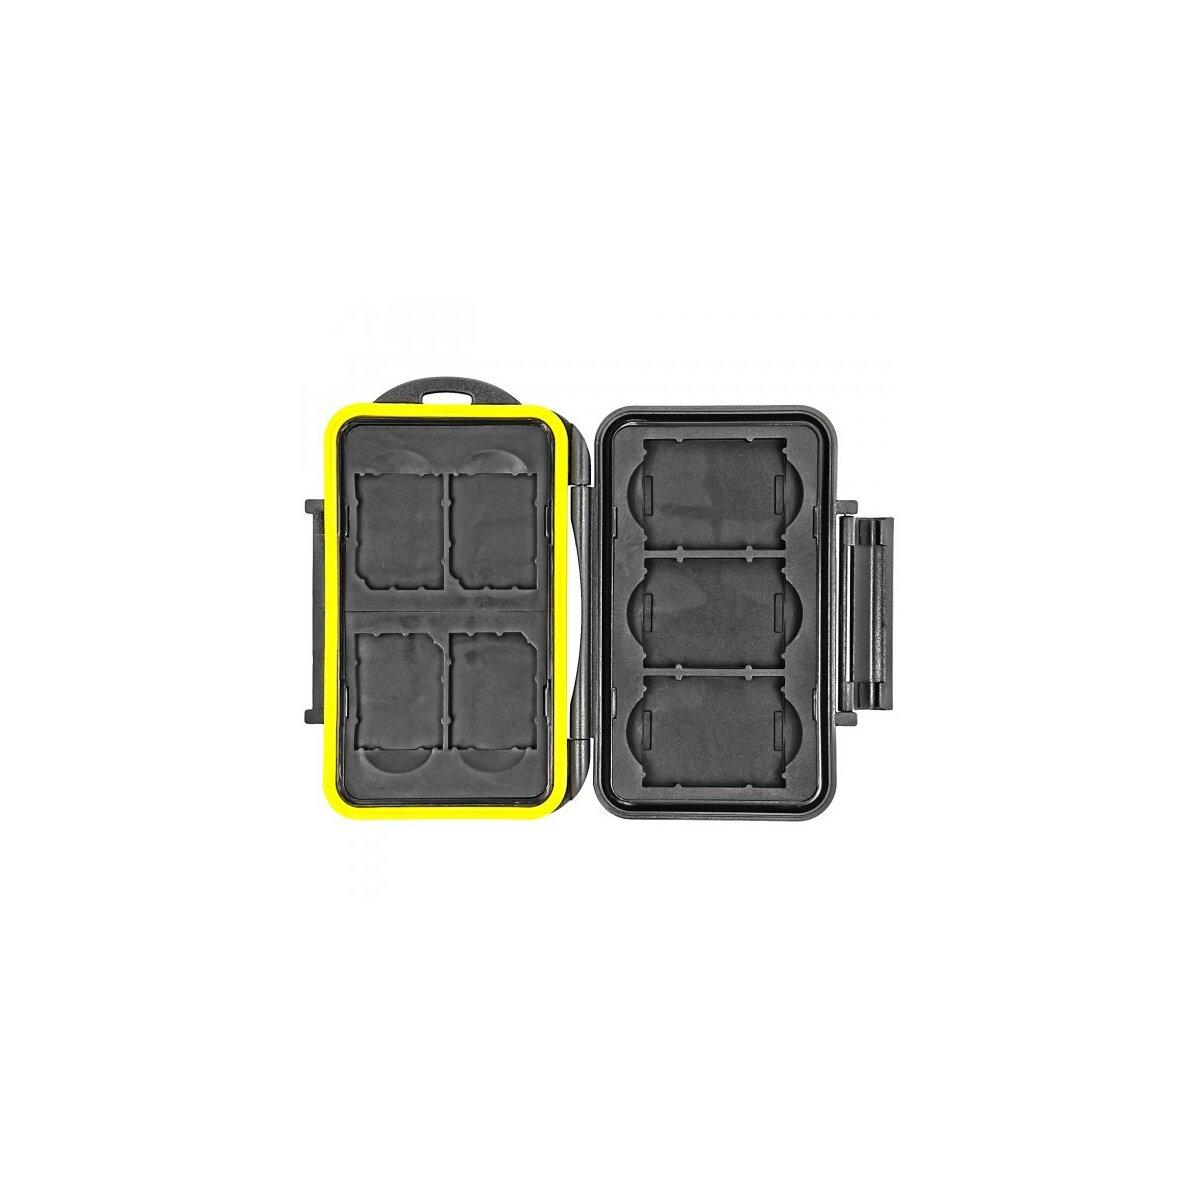 Wasserdichtes Speicherkarten Hardcase Etui Schutzbox fuer 4x SD SDHC SDXC und 3x XQD